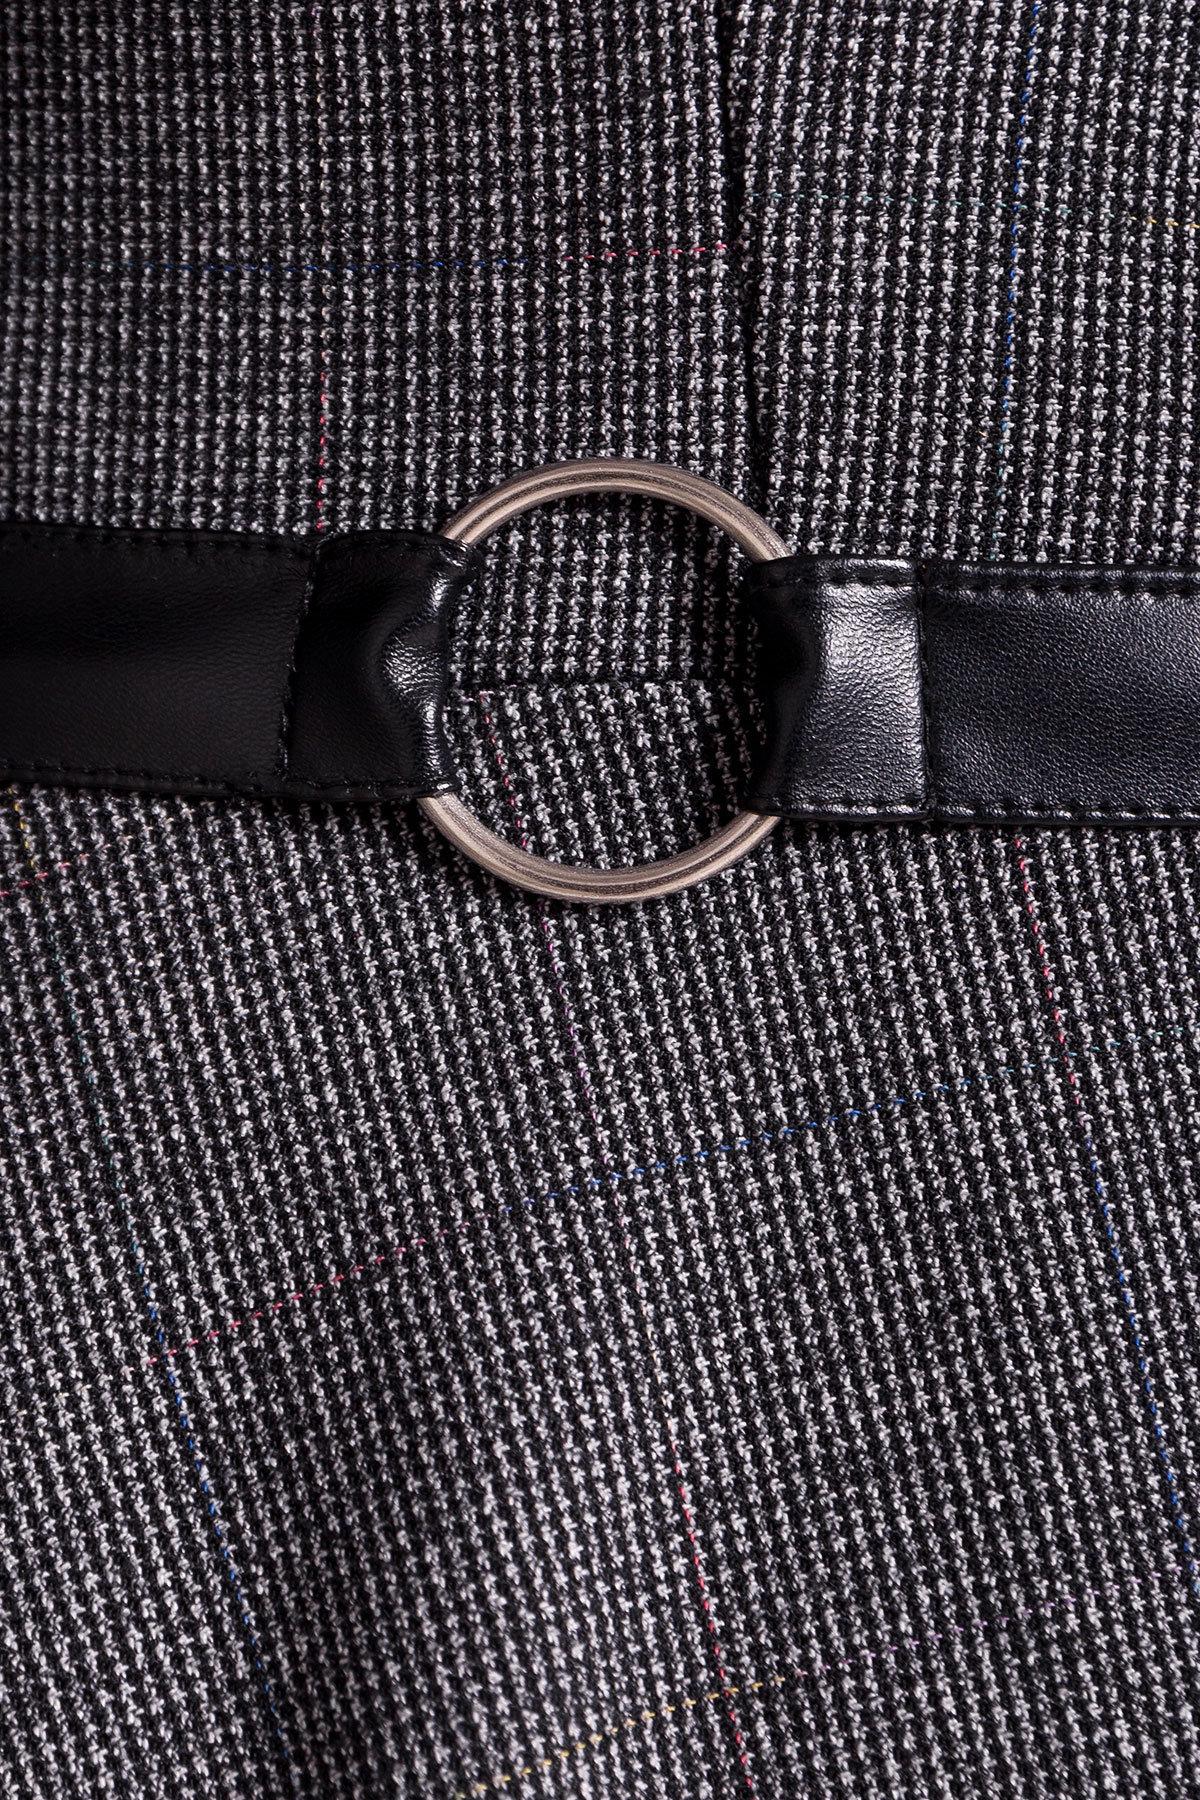 Платье Сафо 3693 АРТ. 19226 Цвет: Черный/серый - фото 3, интернет магазин tm-modus.ru